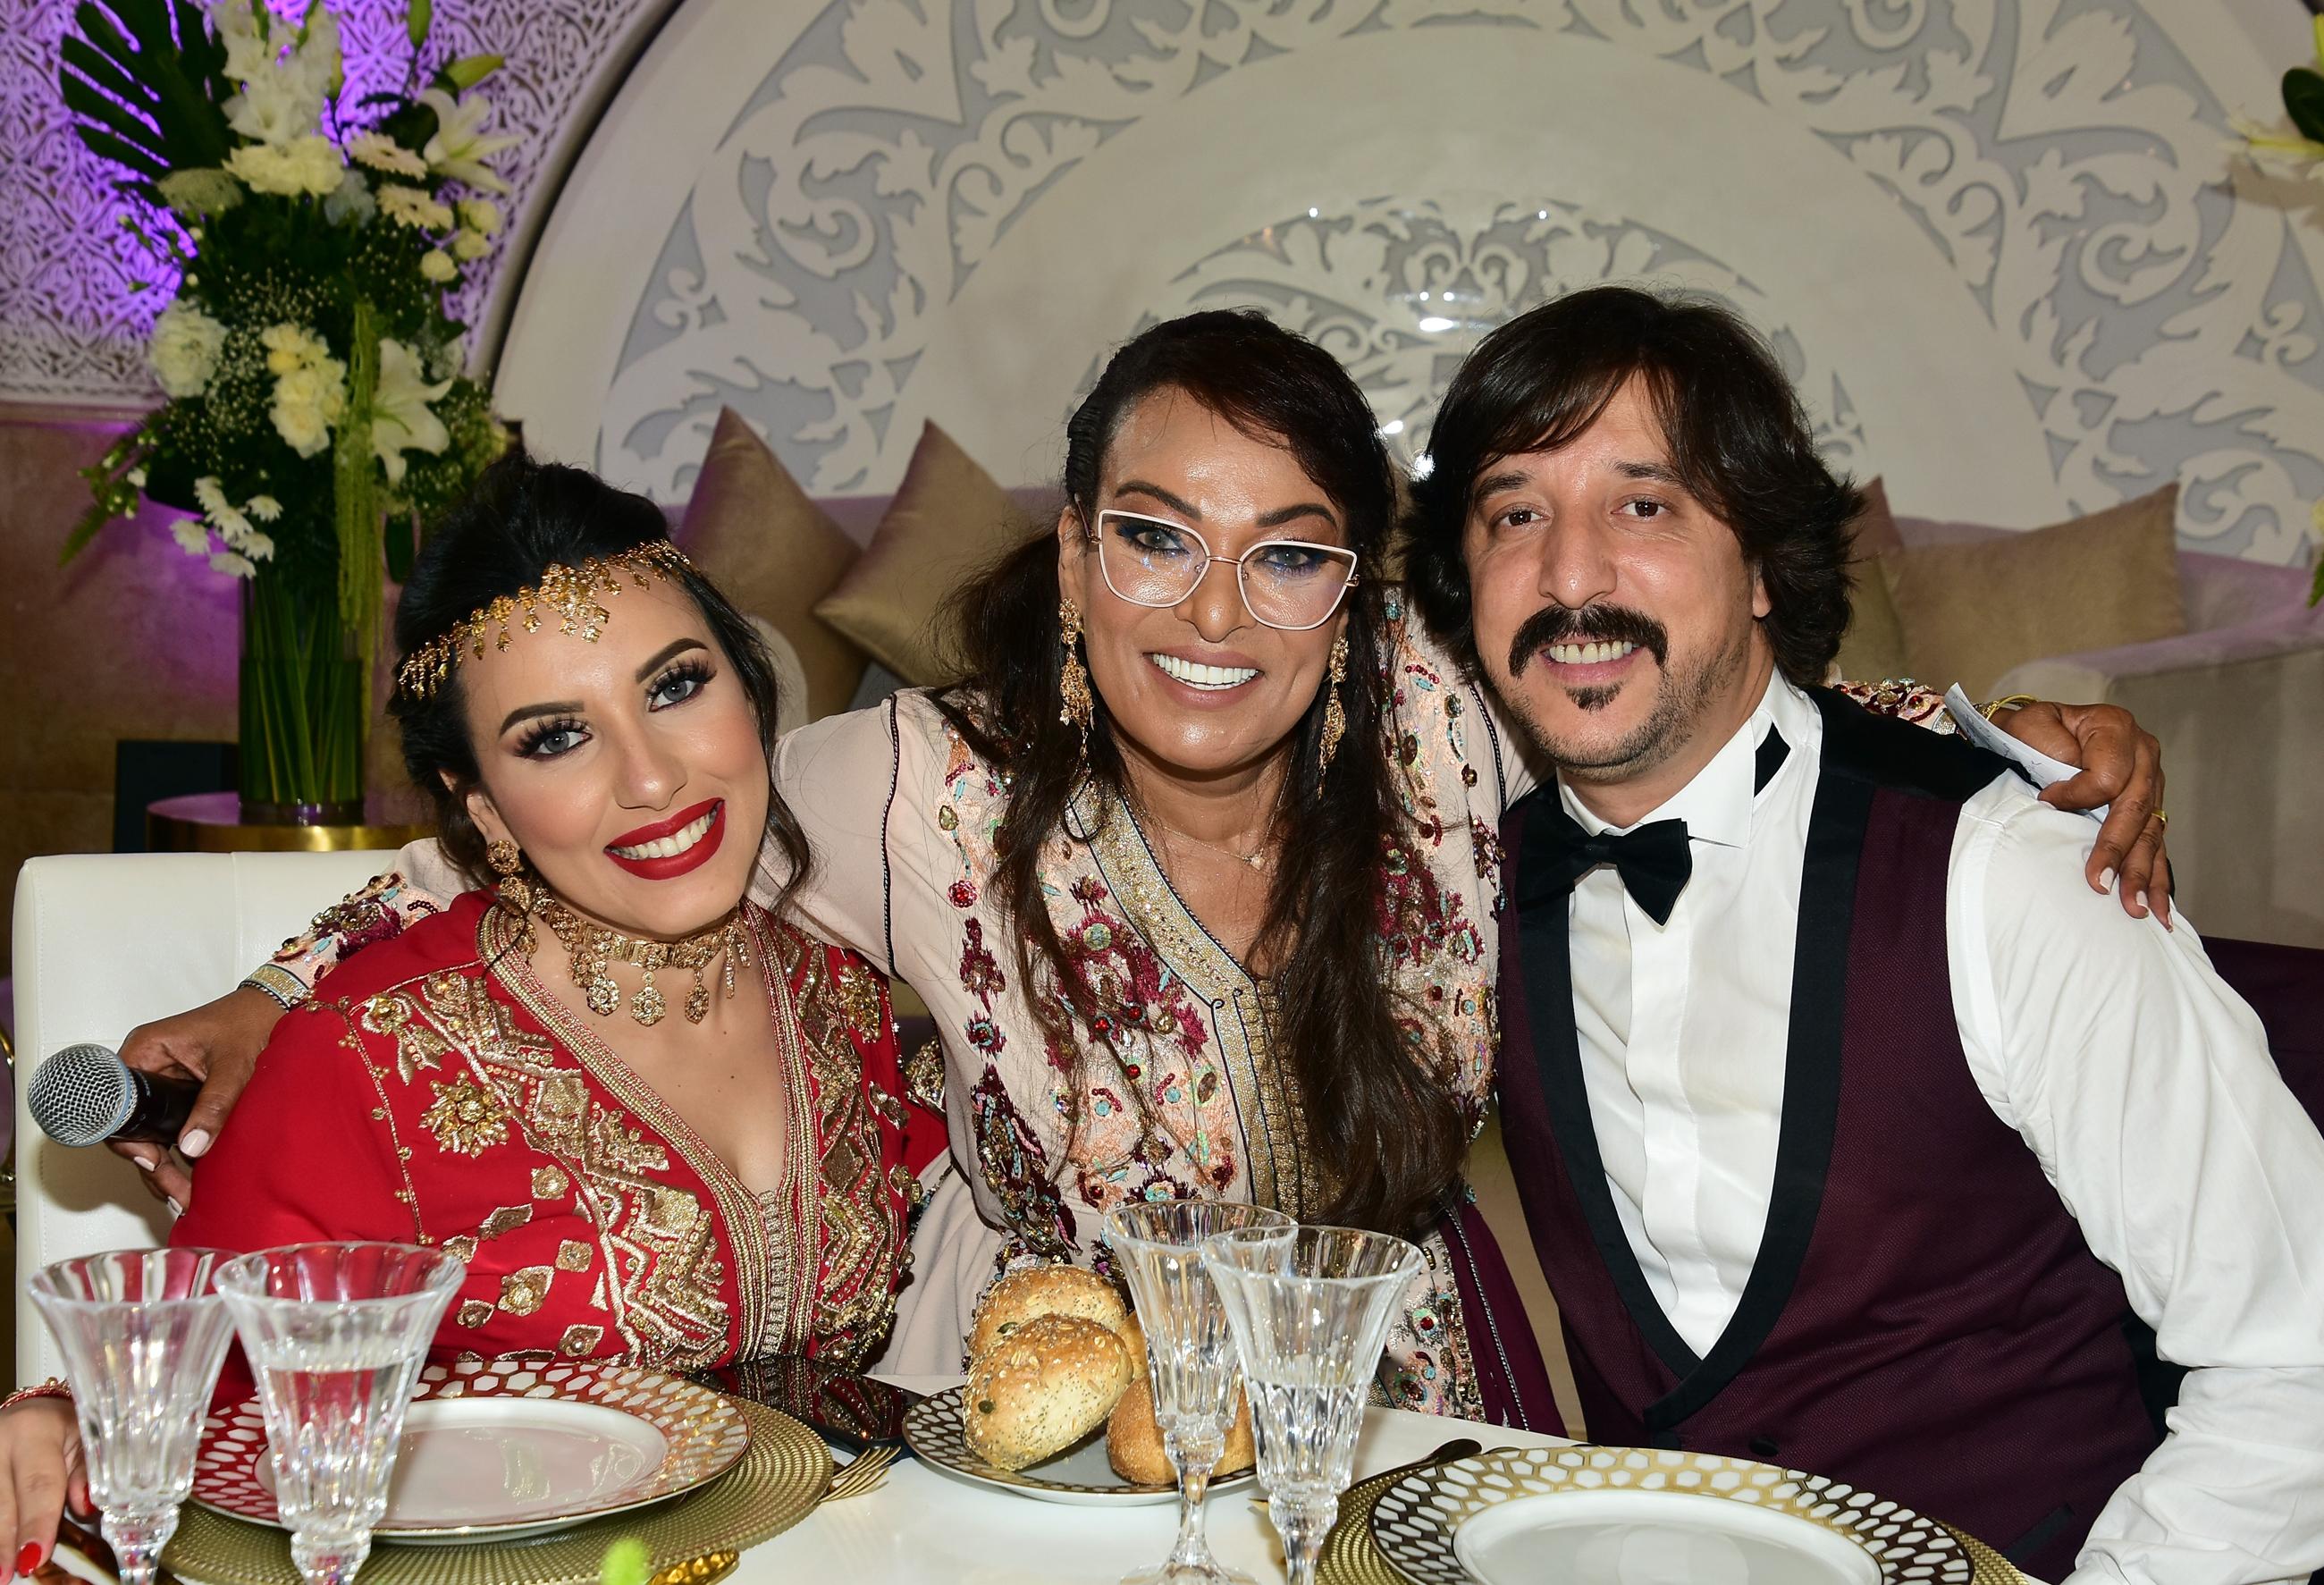 العروسان سحر الصديقي ومنصف مالزي مع الممثلة بشرى اهريش